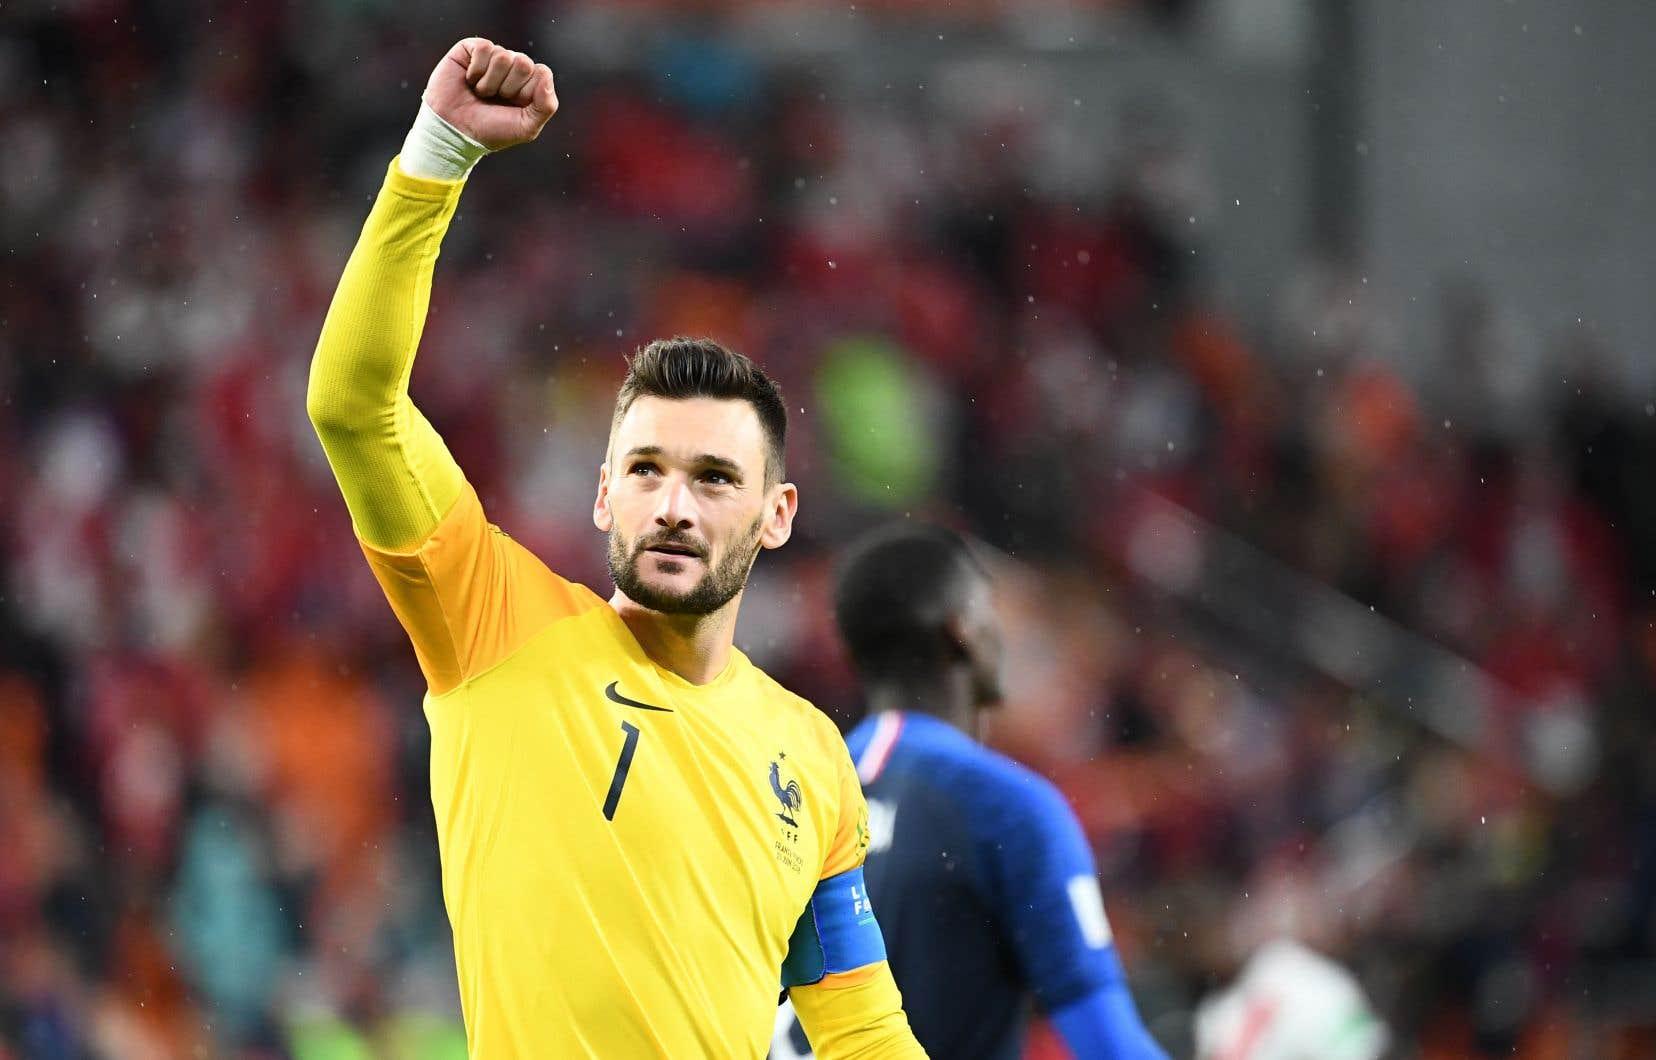 Le gardien de l'équipe de France, Hugo Lloris. «On joue contre le Pérou et on joue la contre-attaque. Il va falloir qu'on m'explique», pestent nos commentateurs amateurs, lorsque le joueur bloque un tir bas en 30eminute.